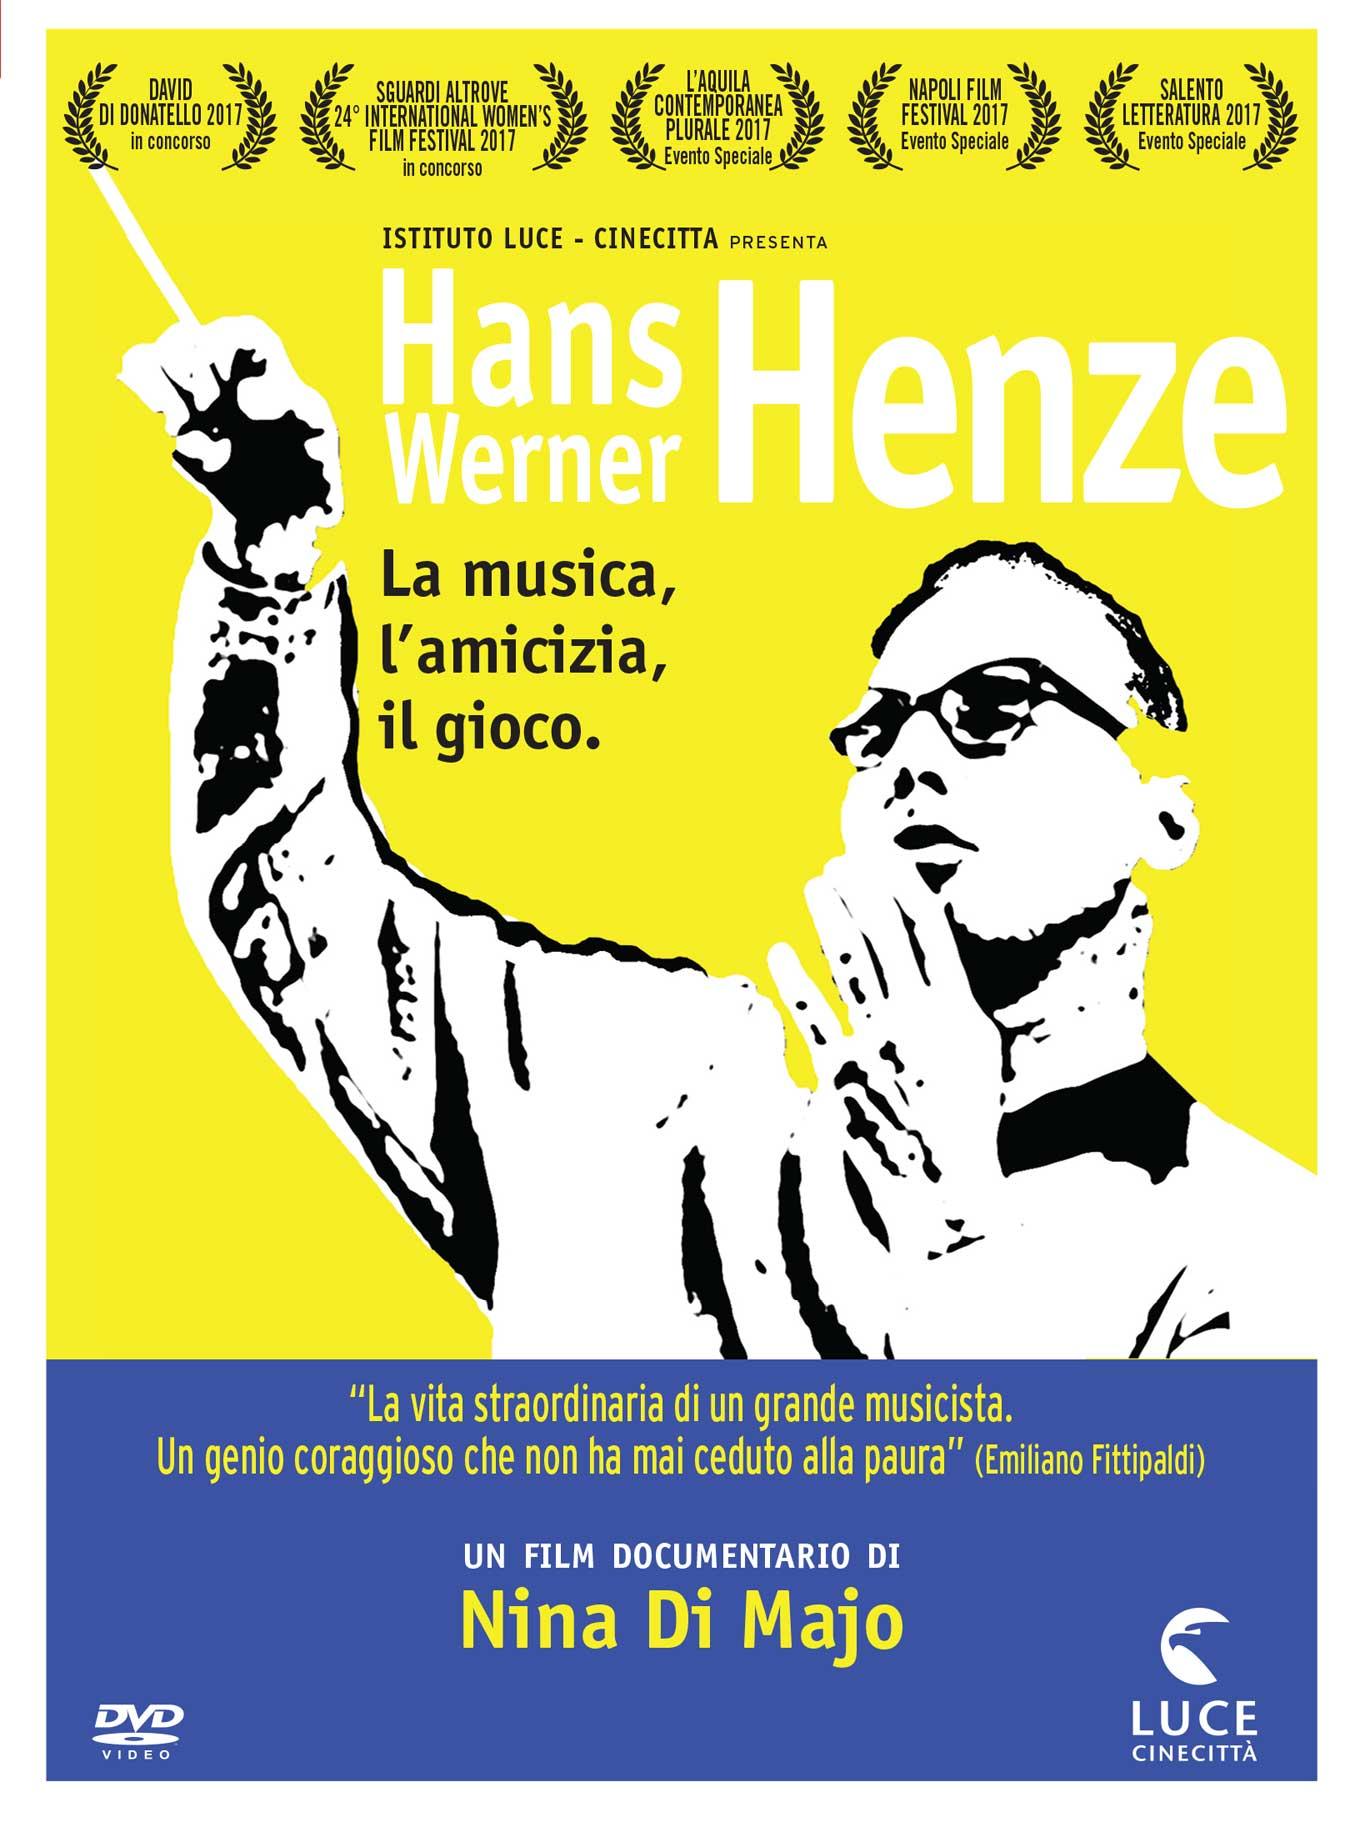 HANS WERNER HENZE - LA MUSICA, L'AMICIZIA, IL GIOCO (DVD)